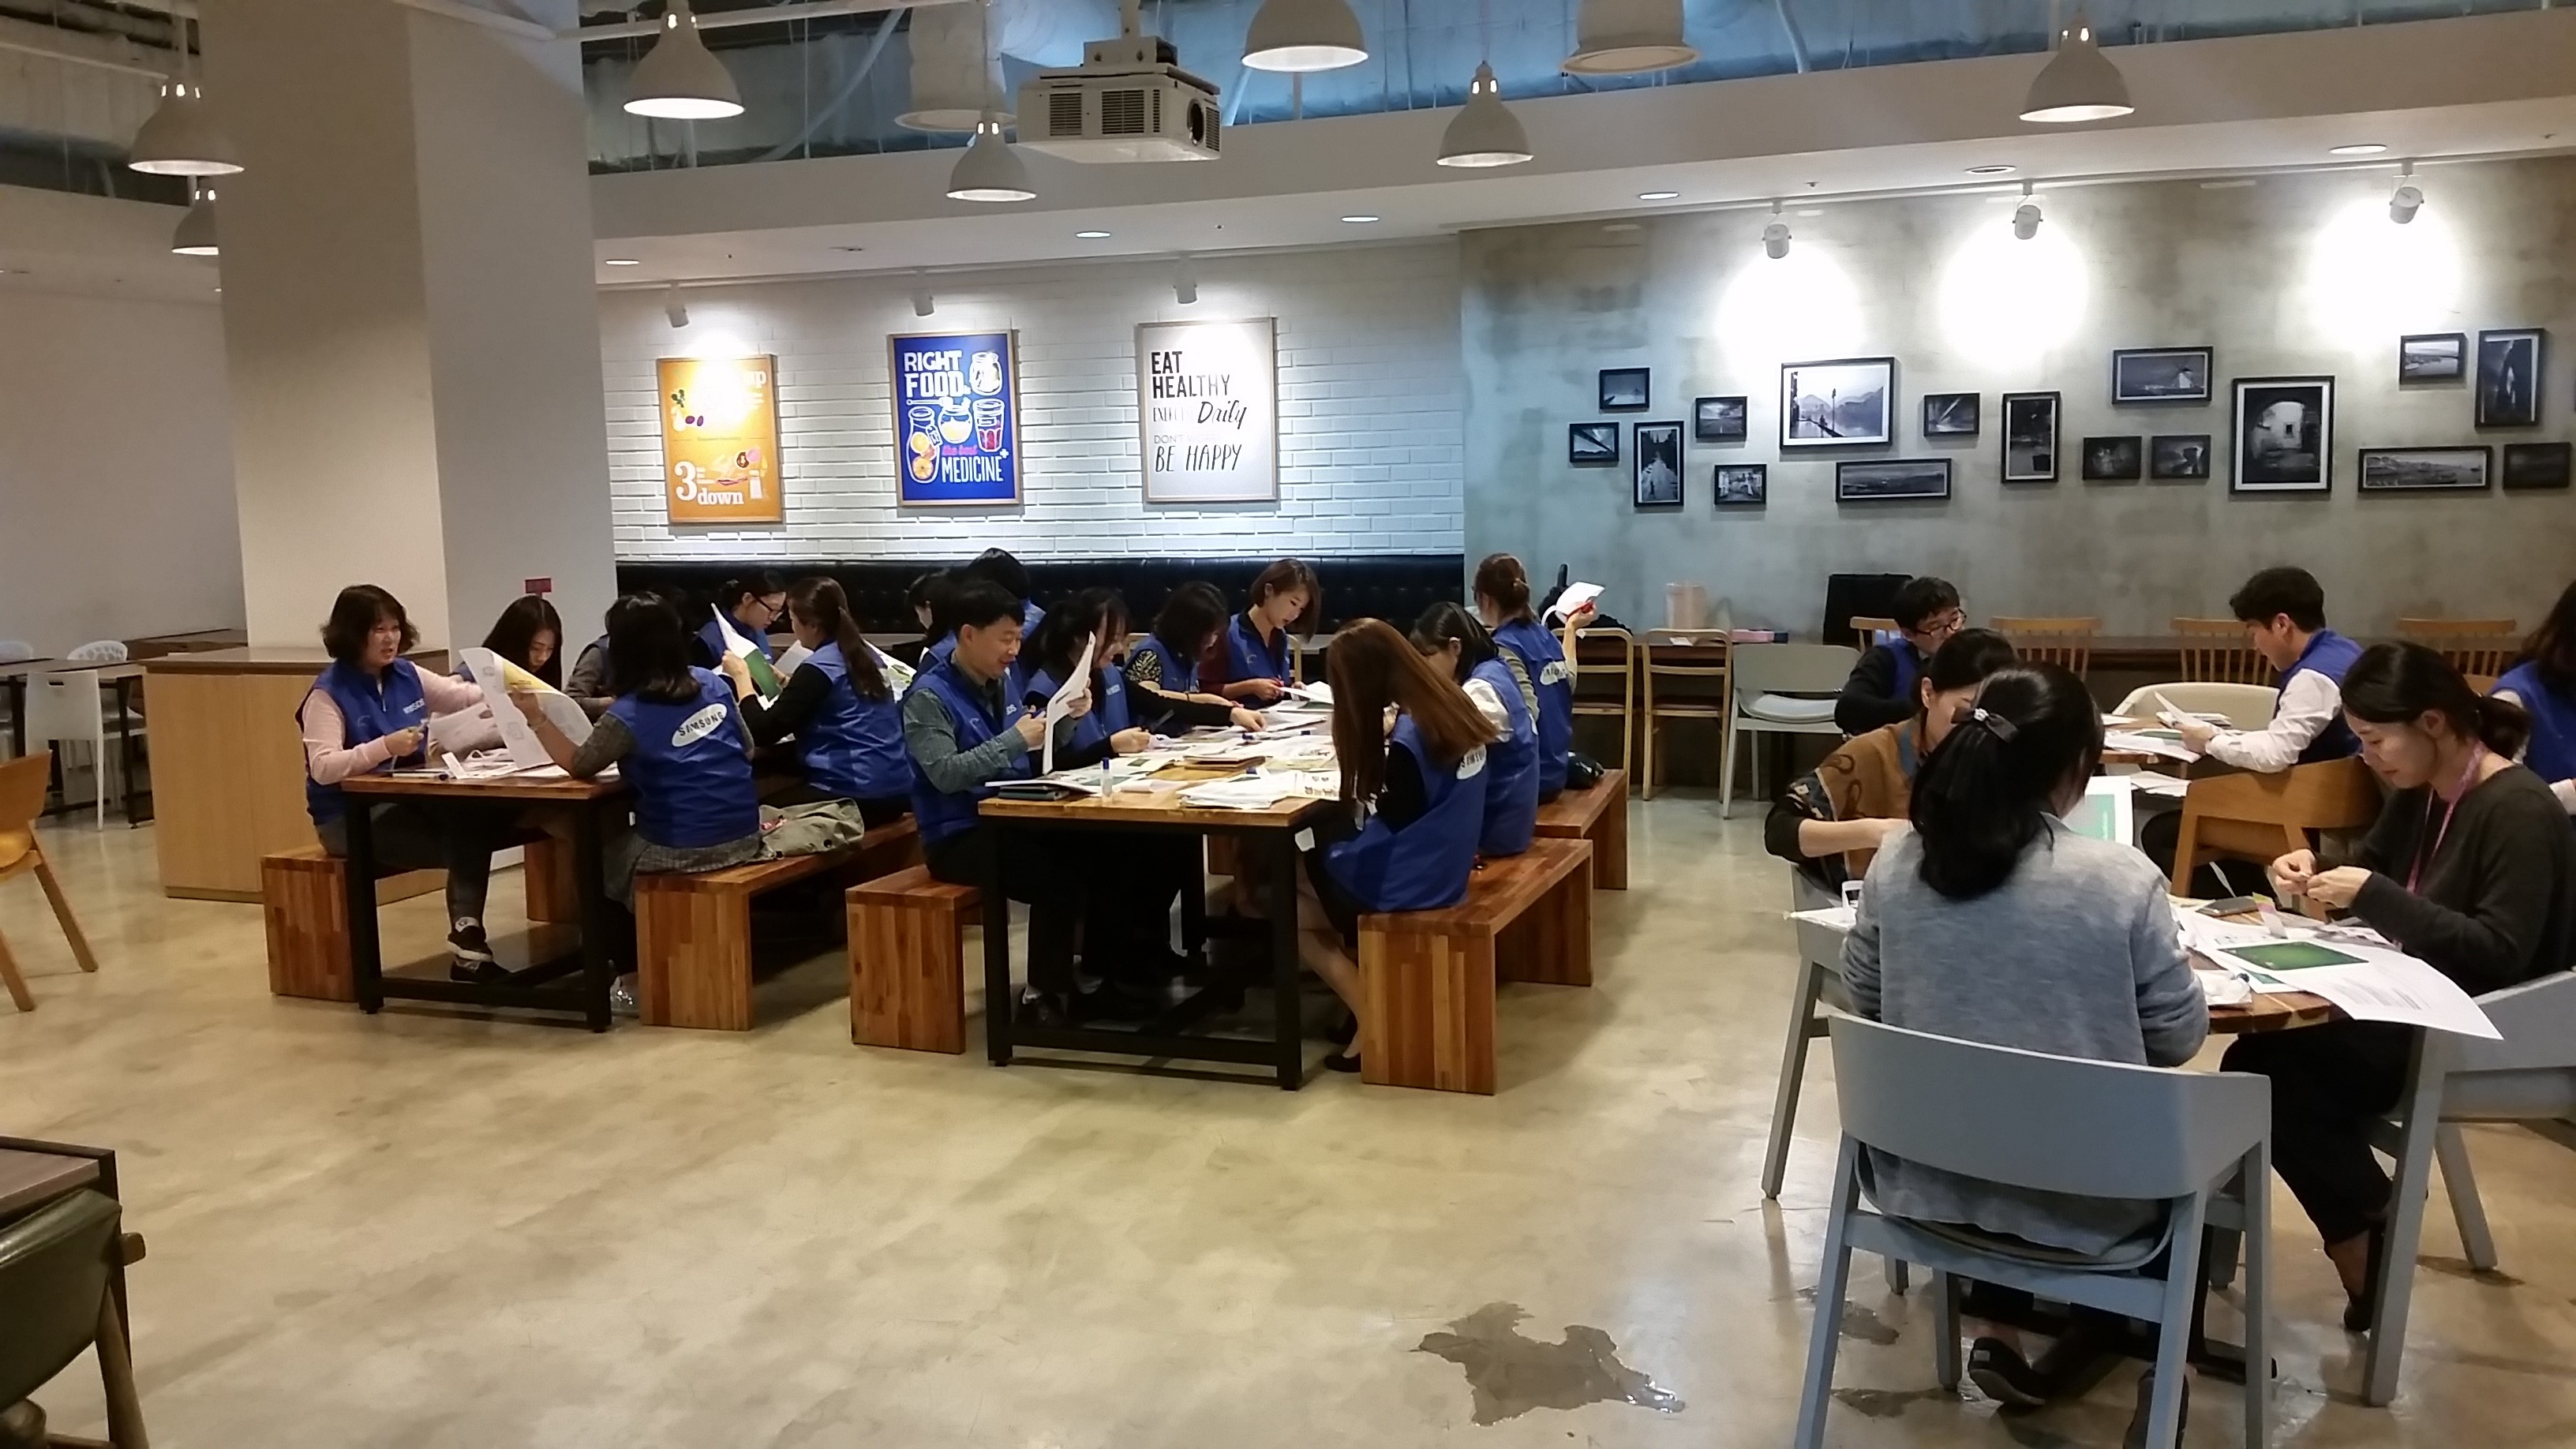 삼성SDS 임직원이 펠트 책을 만들고 있는 모습